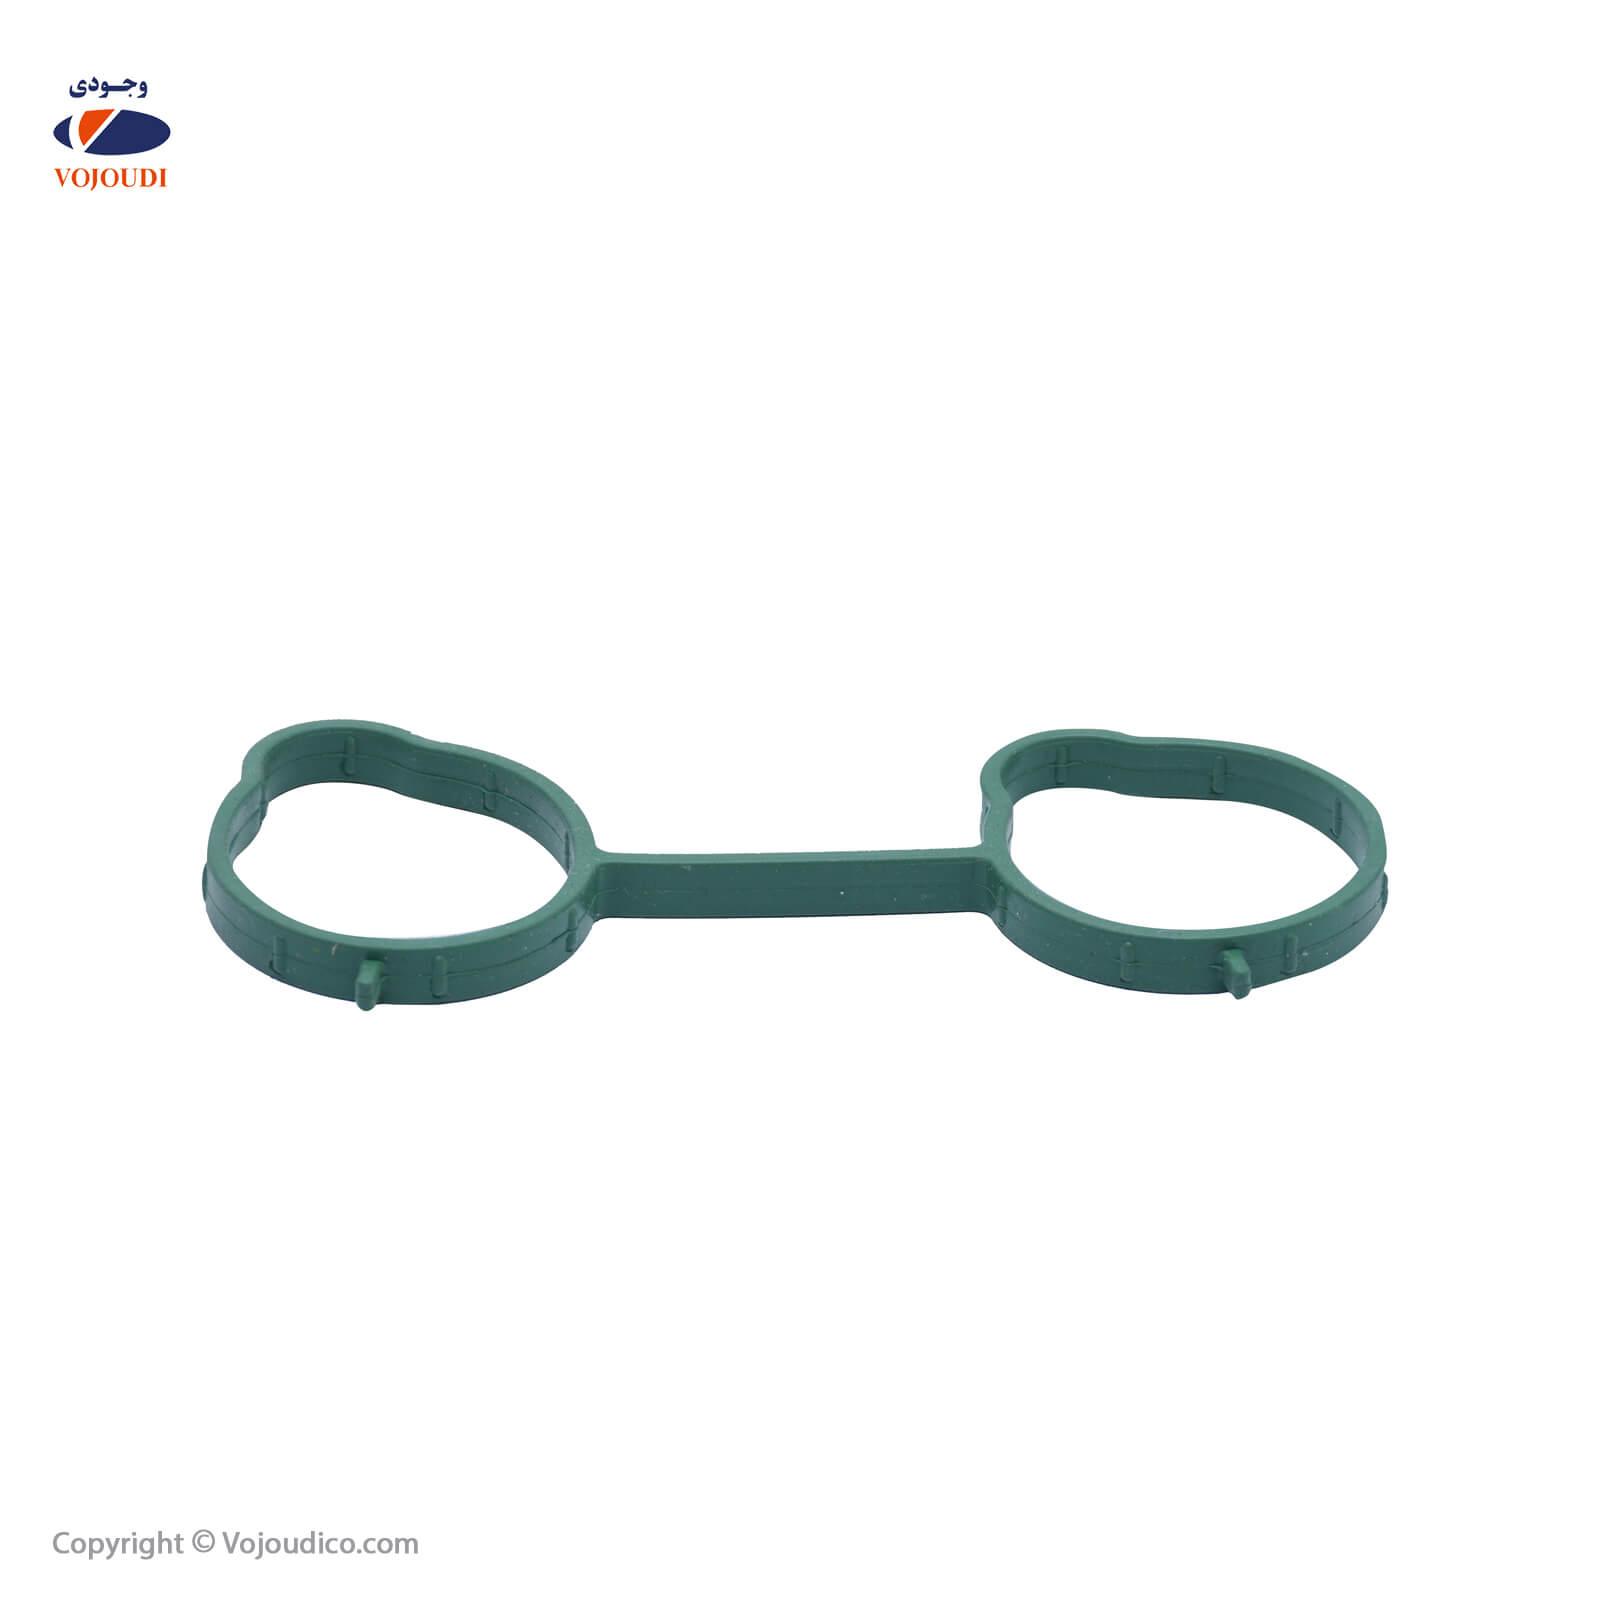 4075 1 - واشر منیفولد عینکی وجودی کد 4075 ، تعداد در بسته : 30 عدد